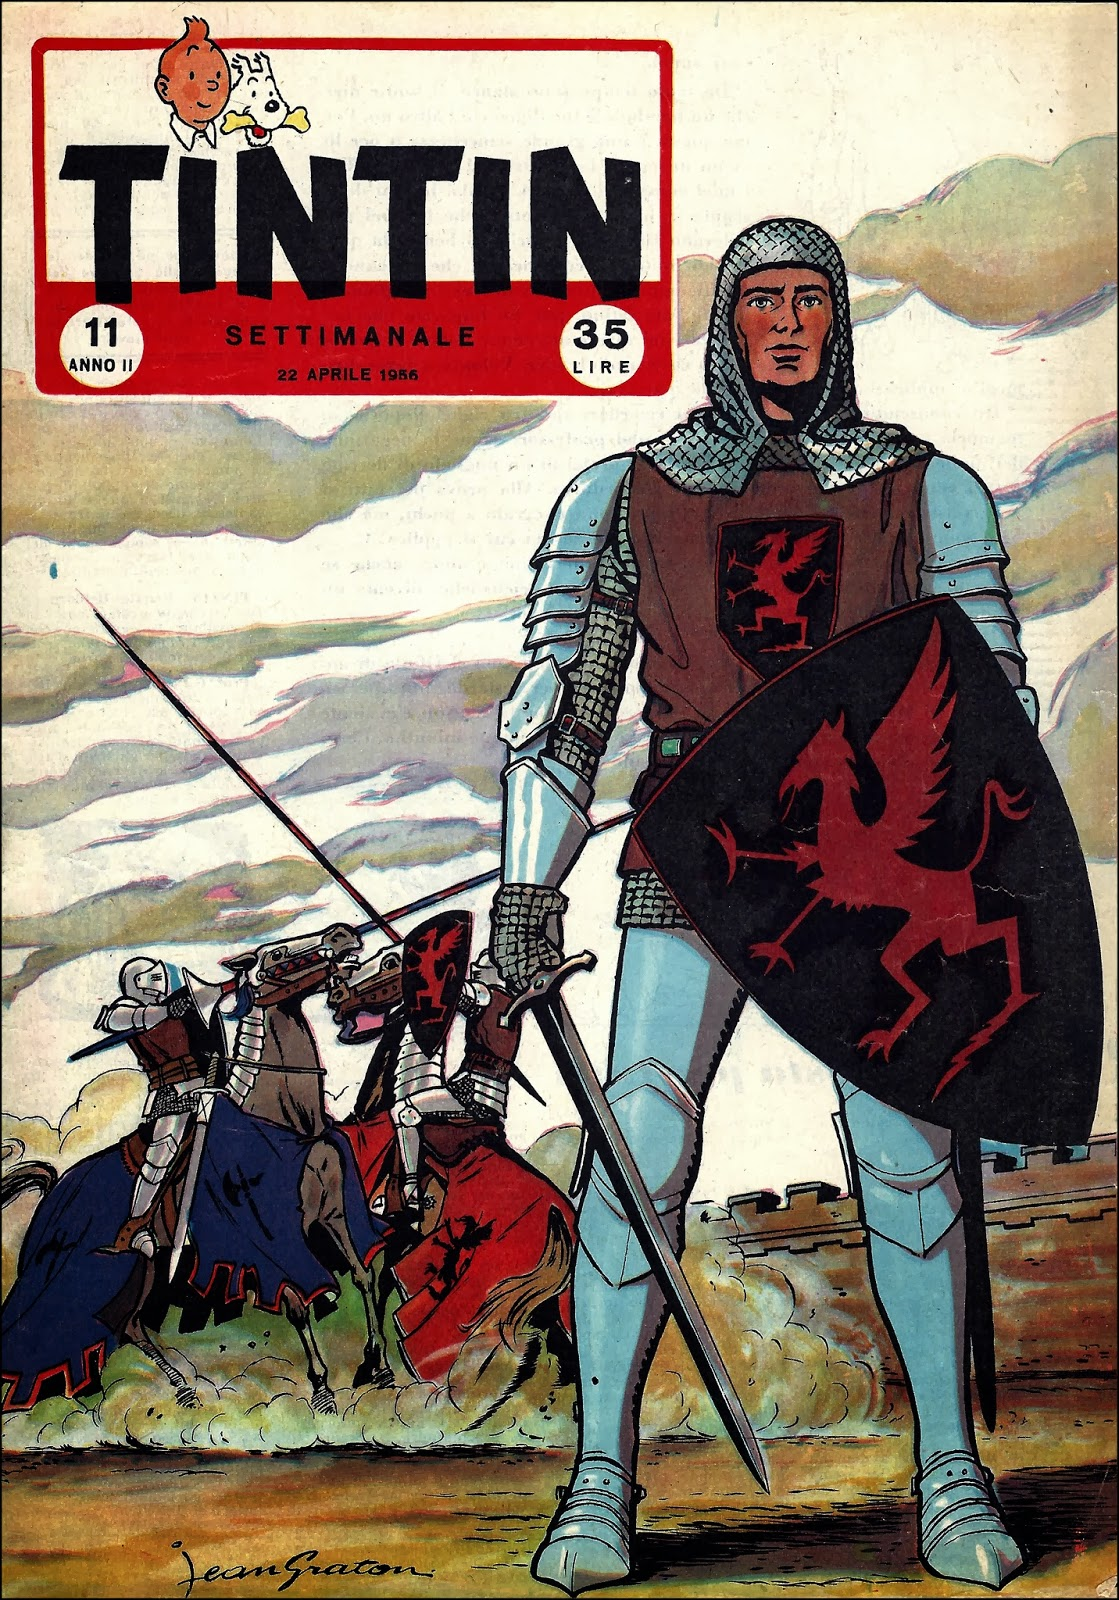 Tintin settimanale vallardi sequenza numeri su